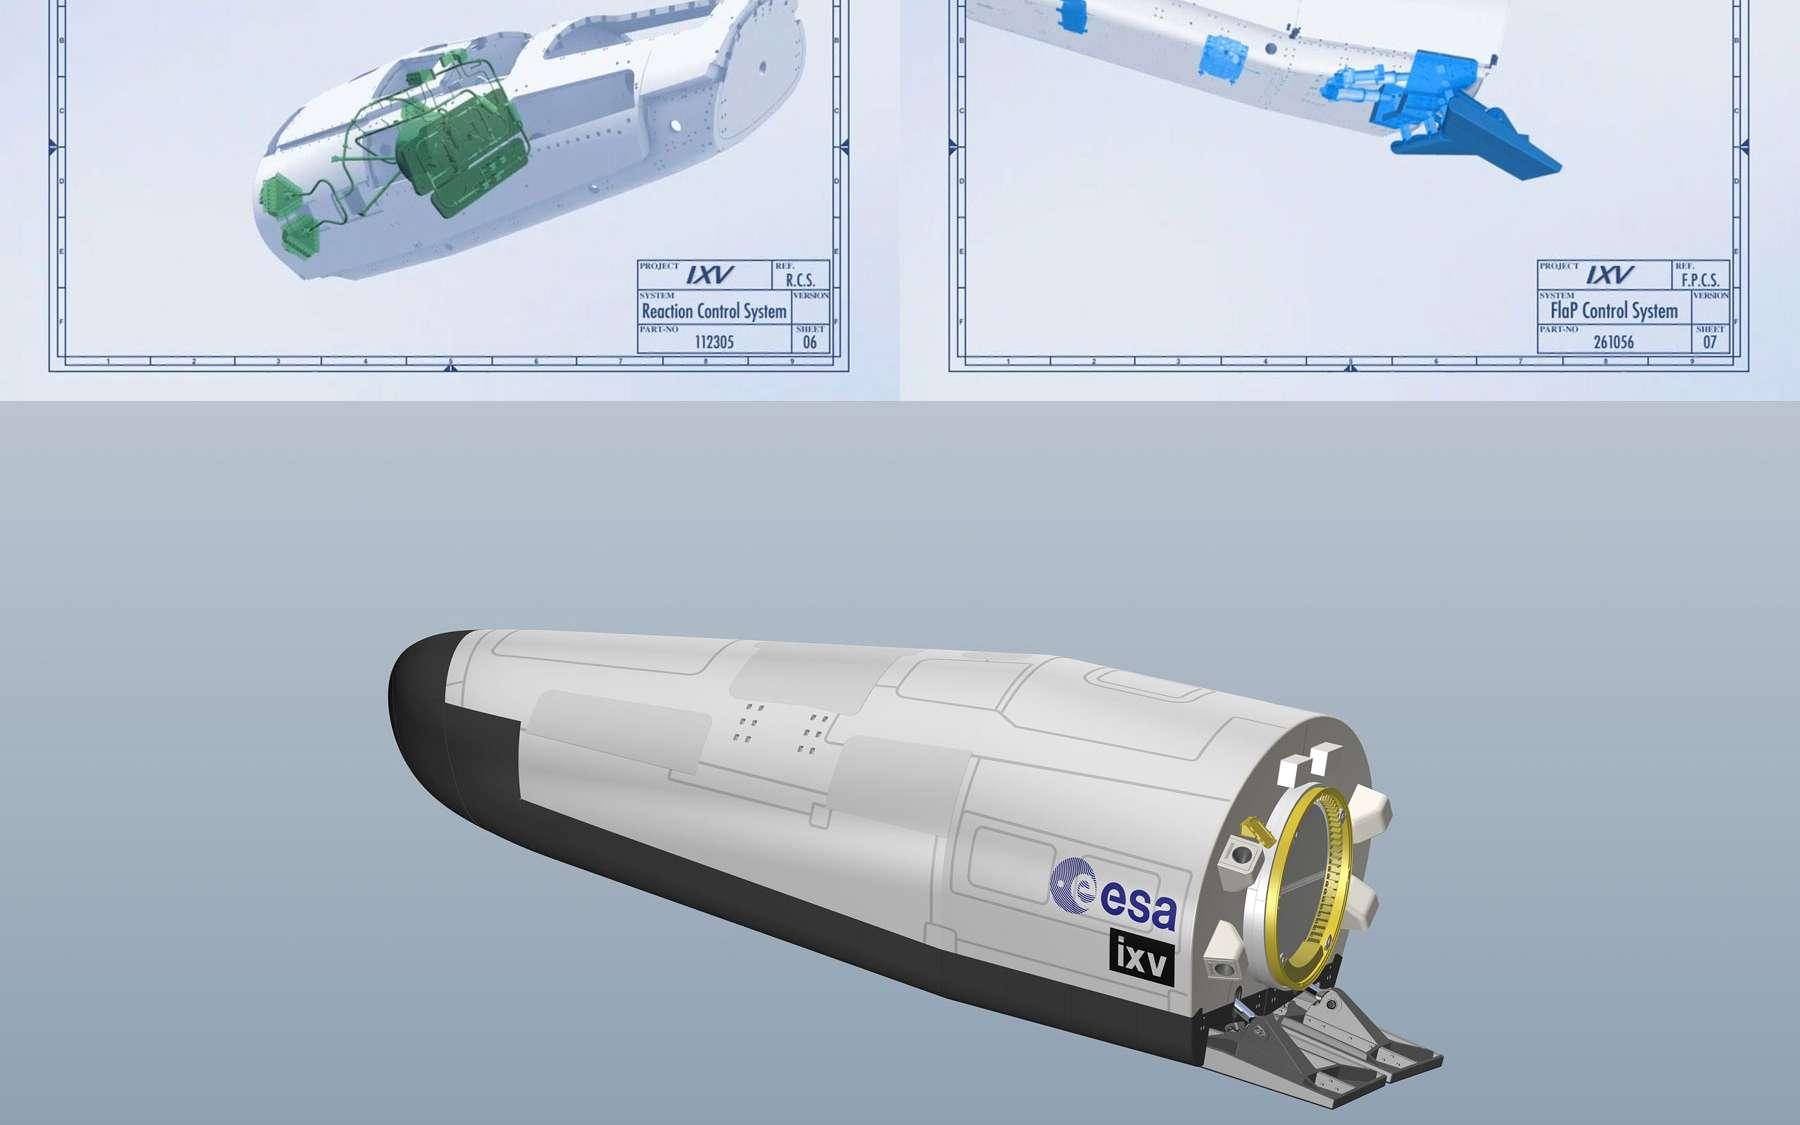 Les deux éléments du sous-système GNC (Guidage, Navigation and Control) qui assure le contrôle du vol à l'aide du RCS (en haut à gauche, Reaction Control System) et des volets de gouverne (en haut à droite, Flap Control System). © Esa/Thales Alenia Space